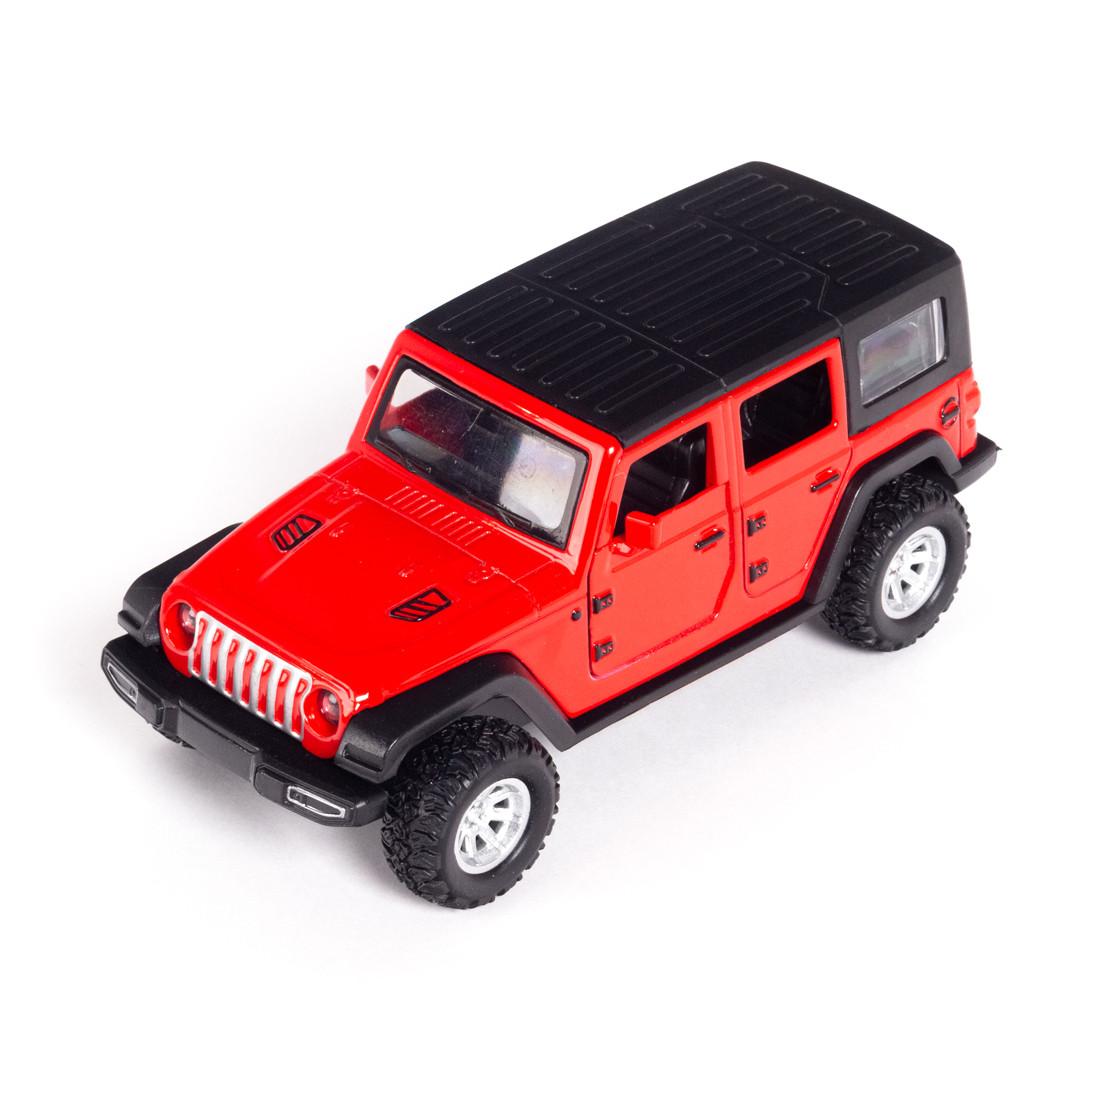 Металлическая машинка, X-Game Kids, 53200R, 1:32, 12.1 см, Красная